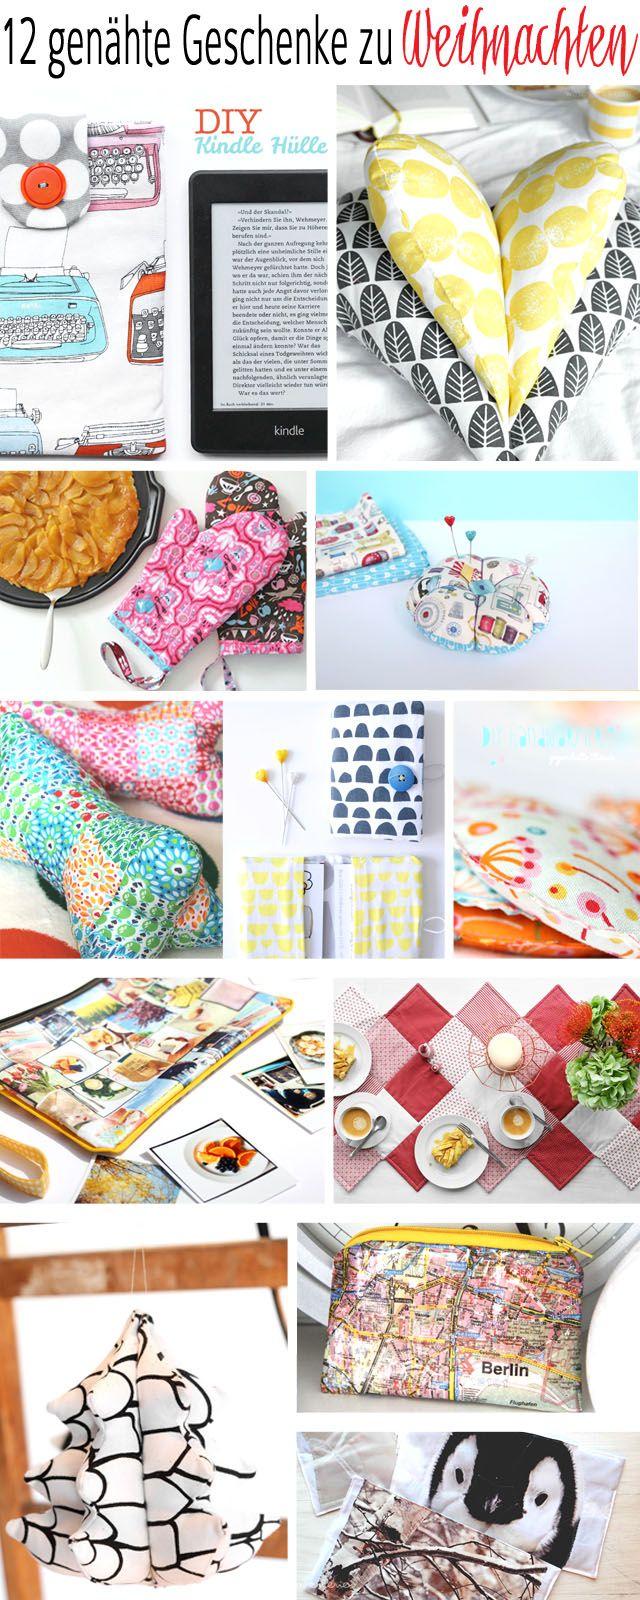 12 selbst genähte Weihnachtsgeschenke! #DIY #sewing #crafts | great sewing christmas ideas | zum Verschenken oder Behalten!